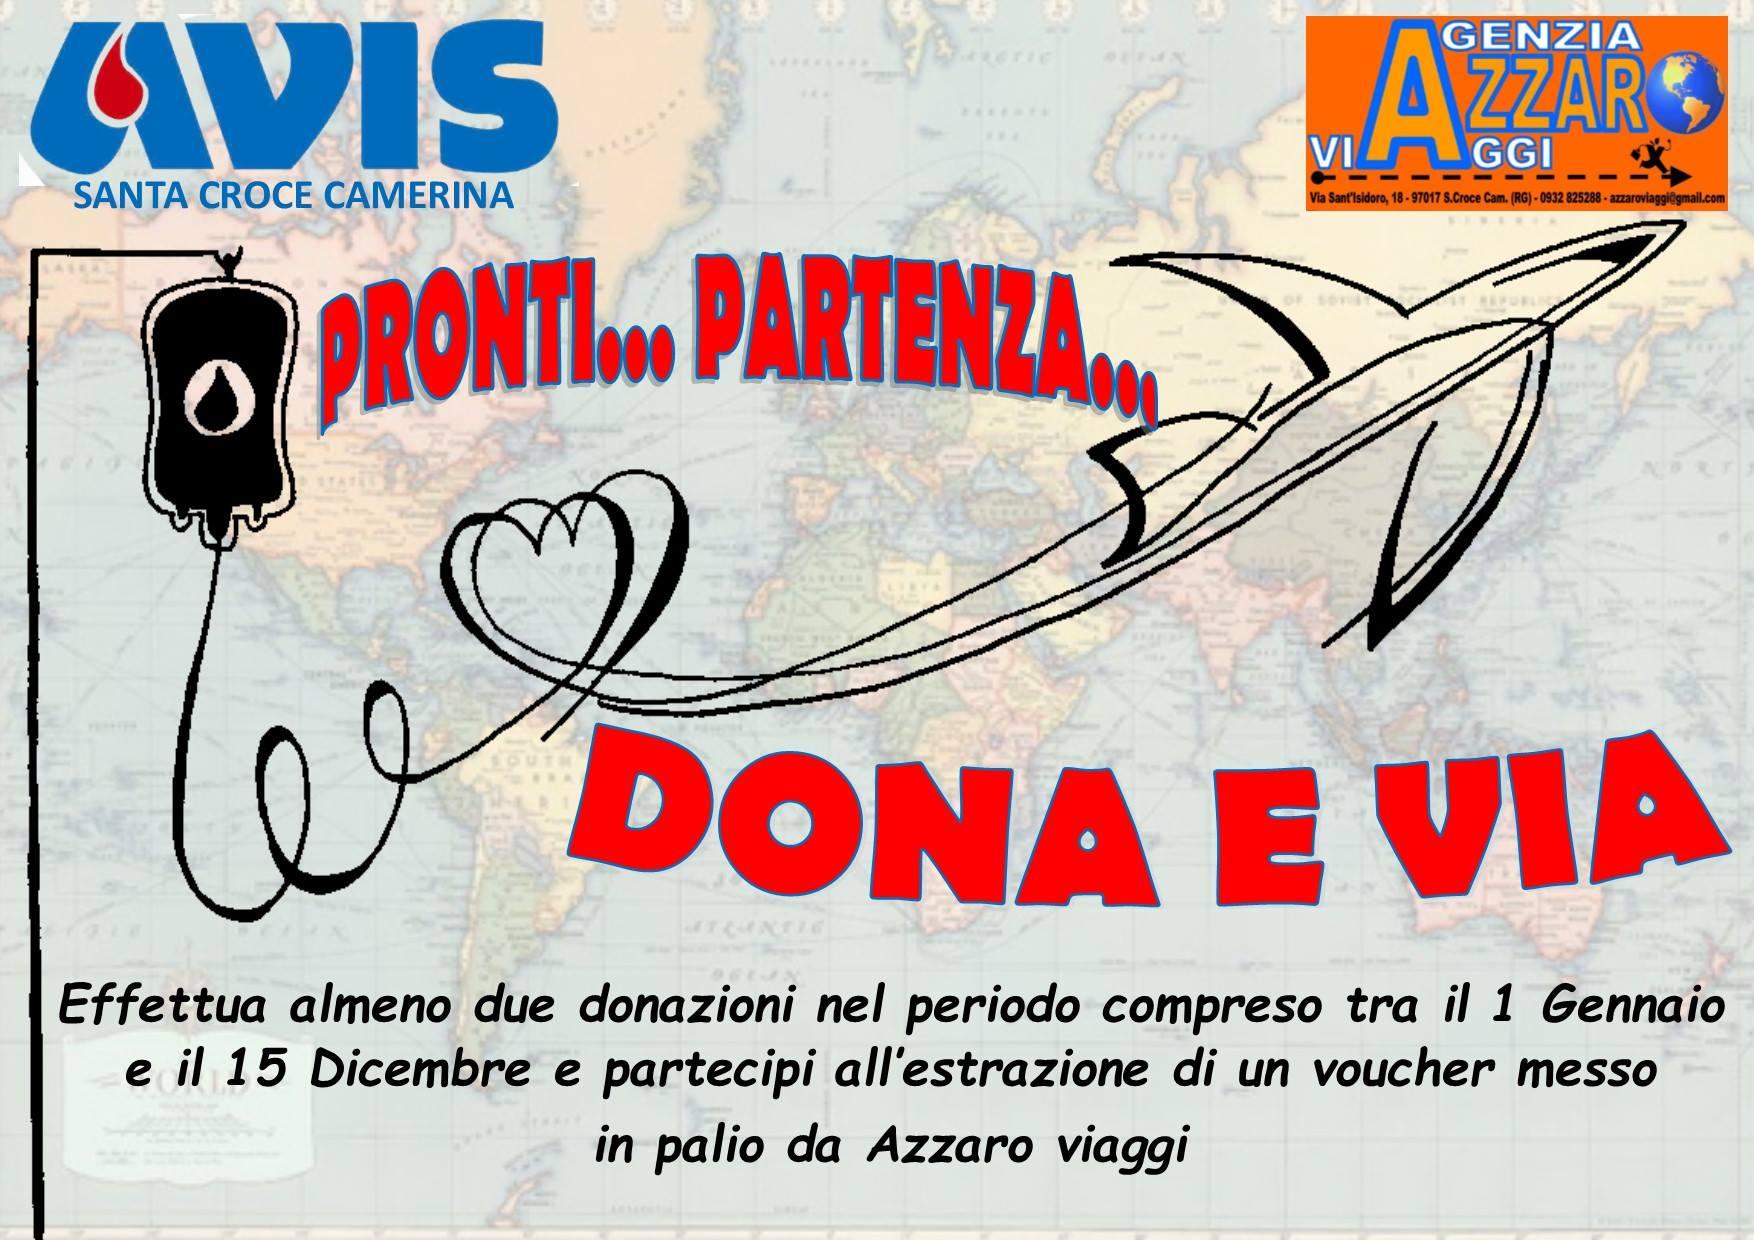 L'Avis vi invita a donare e vi spiega come fare: domenica 28 e martedì 30